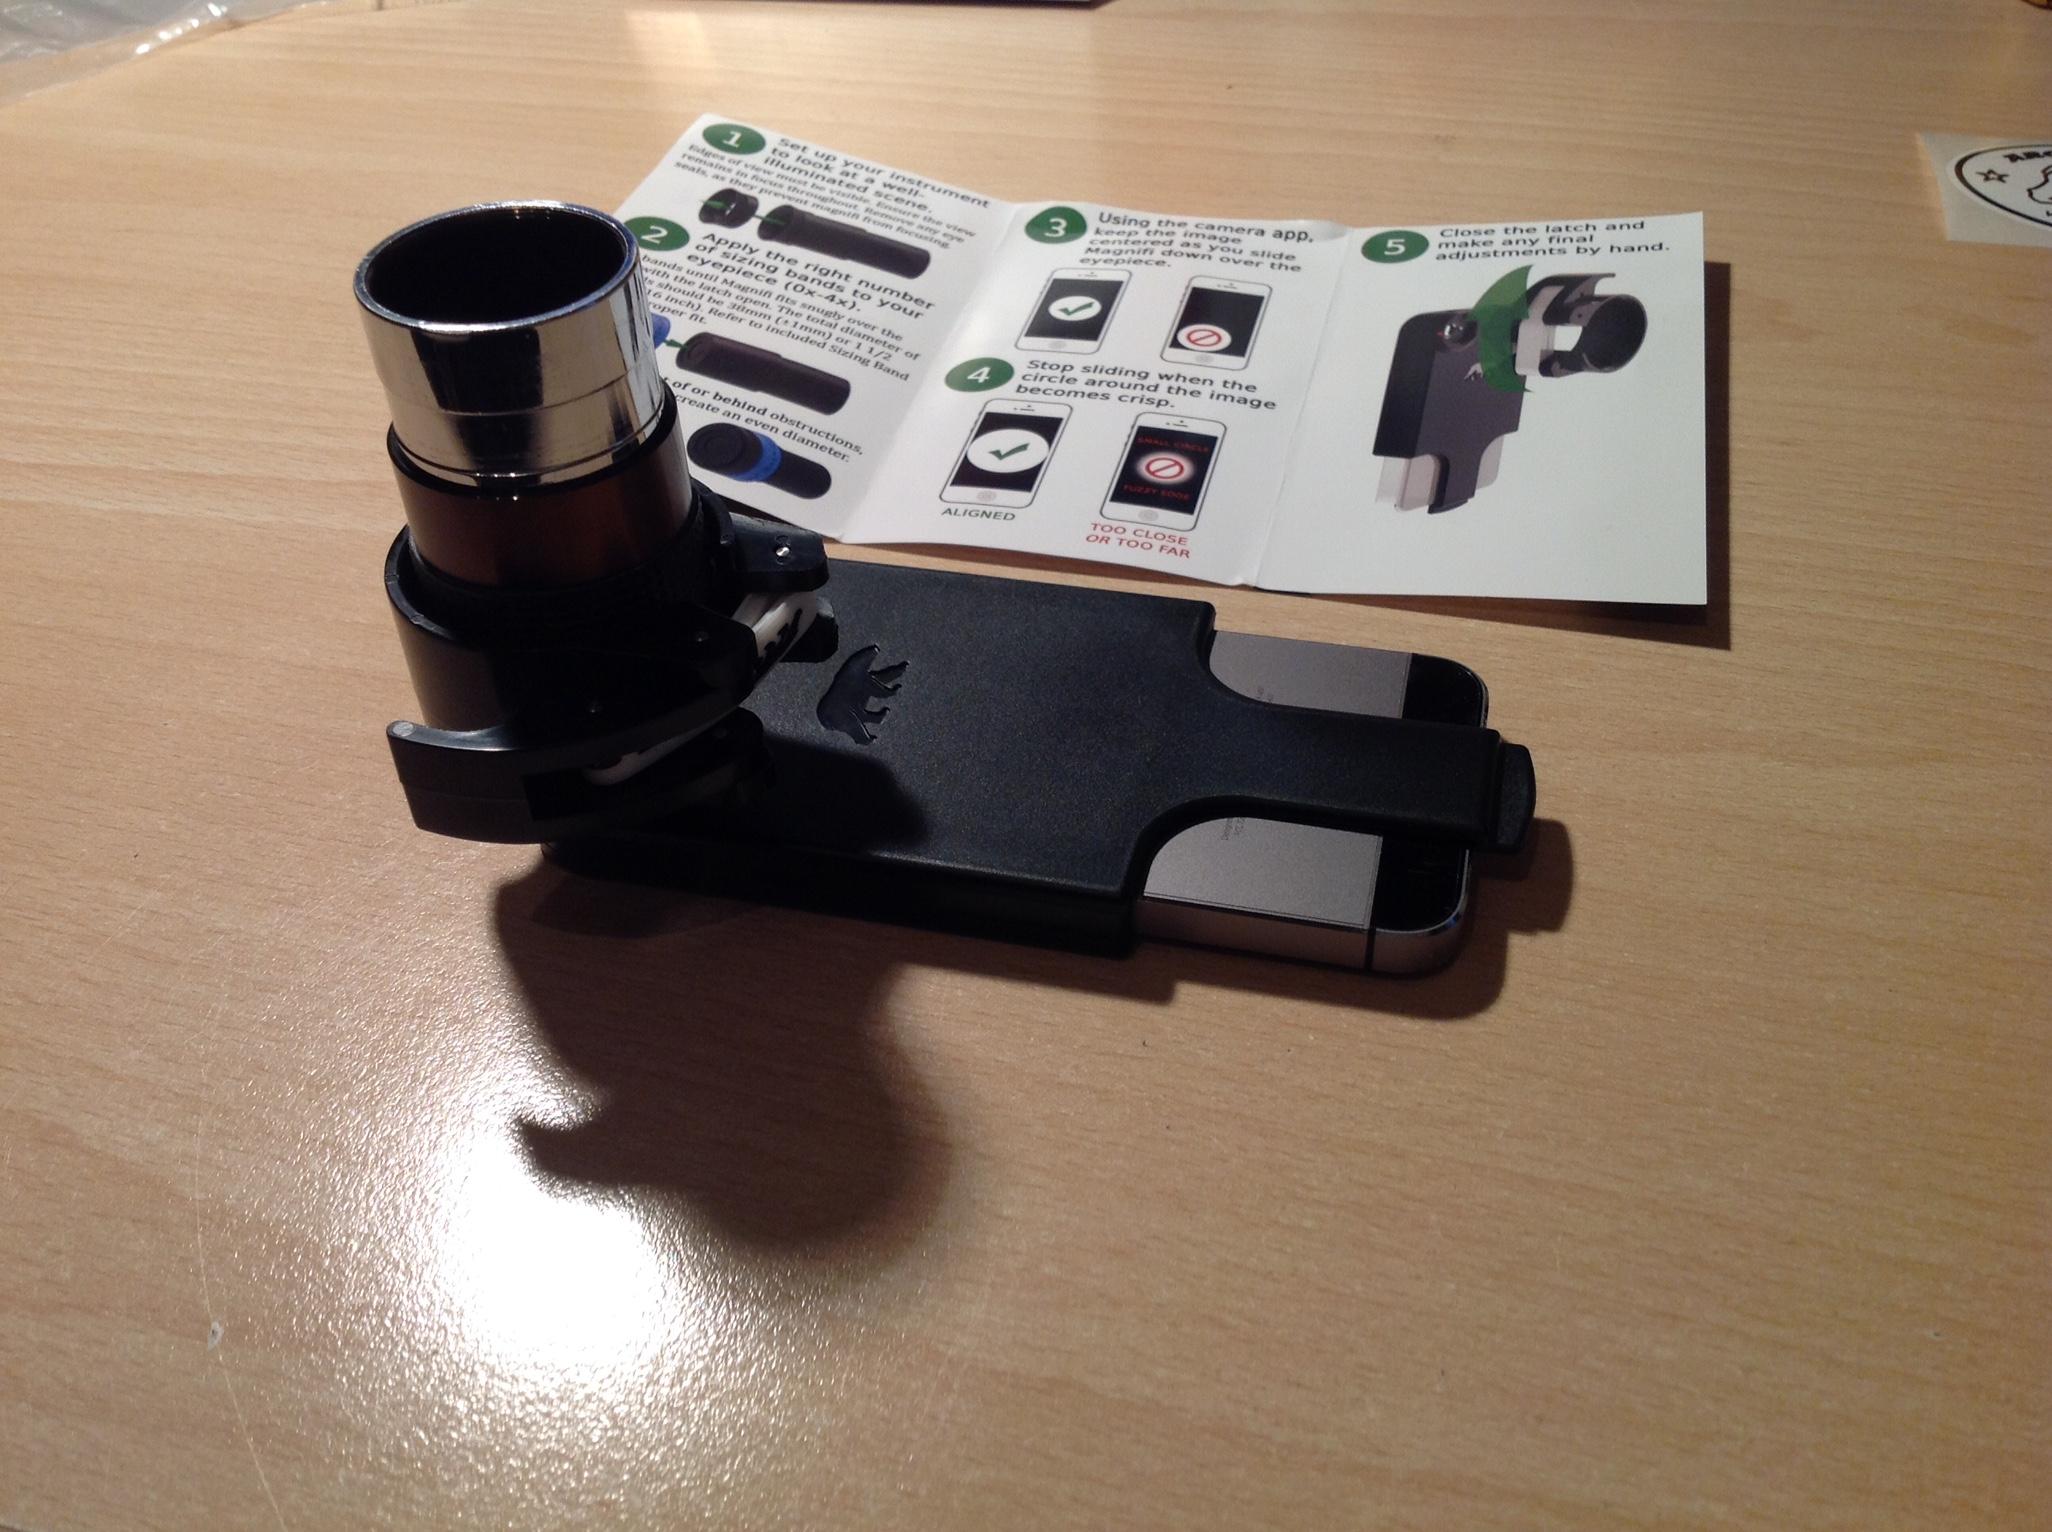 Astrofotografie mit dem iphone teil weitere smartphone adapter